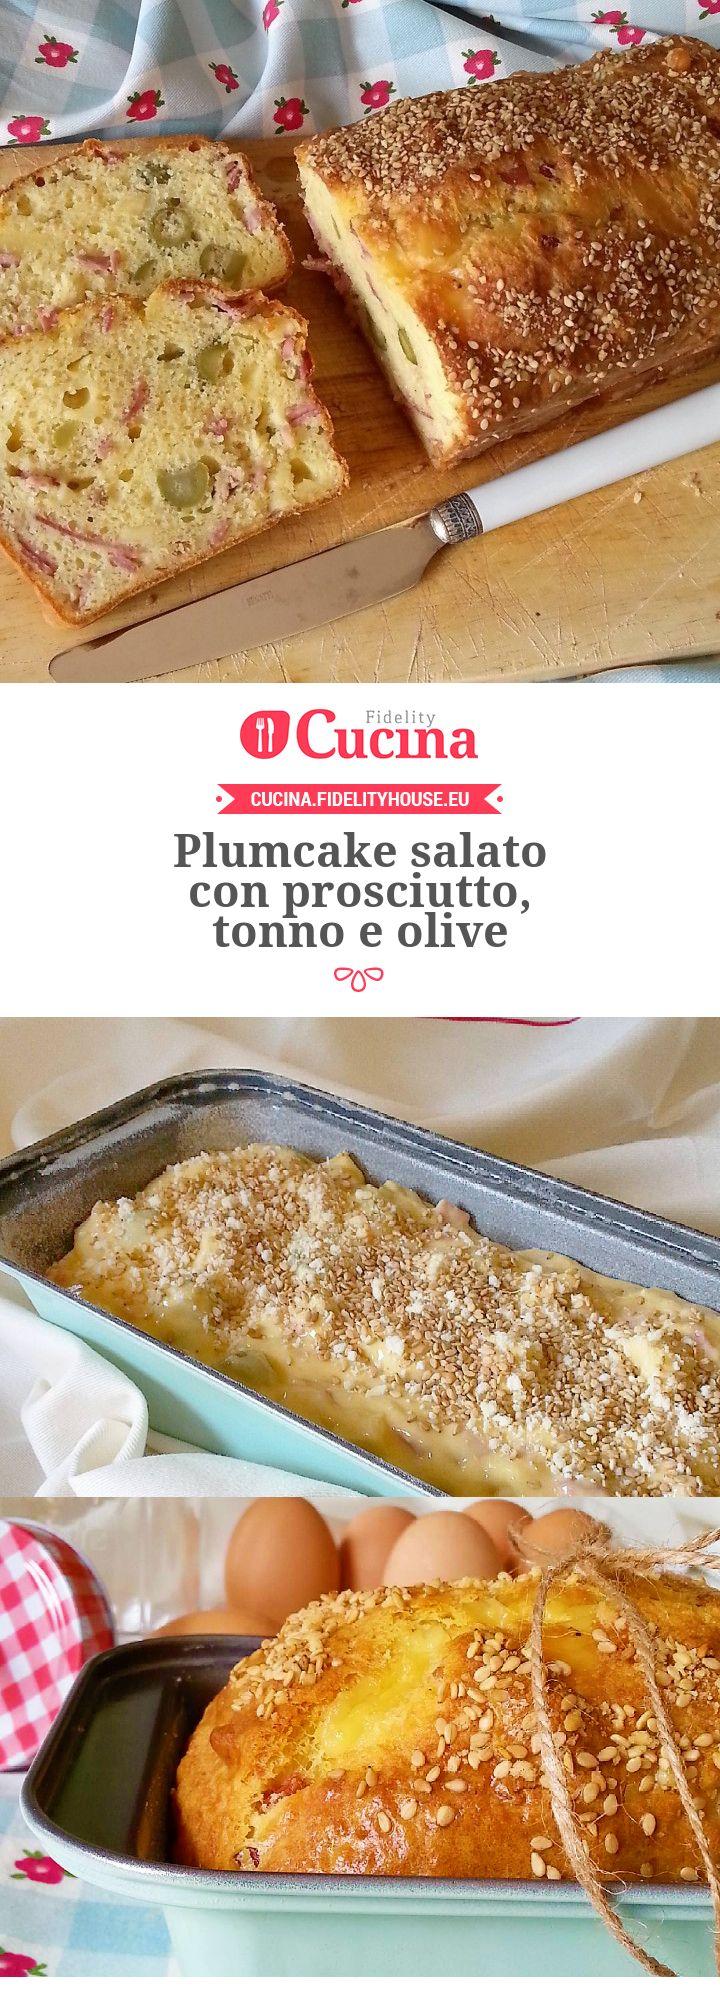 Plumcake salato con prosciutto, tonno e olive